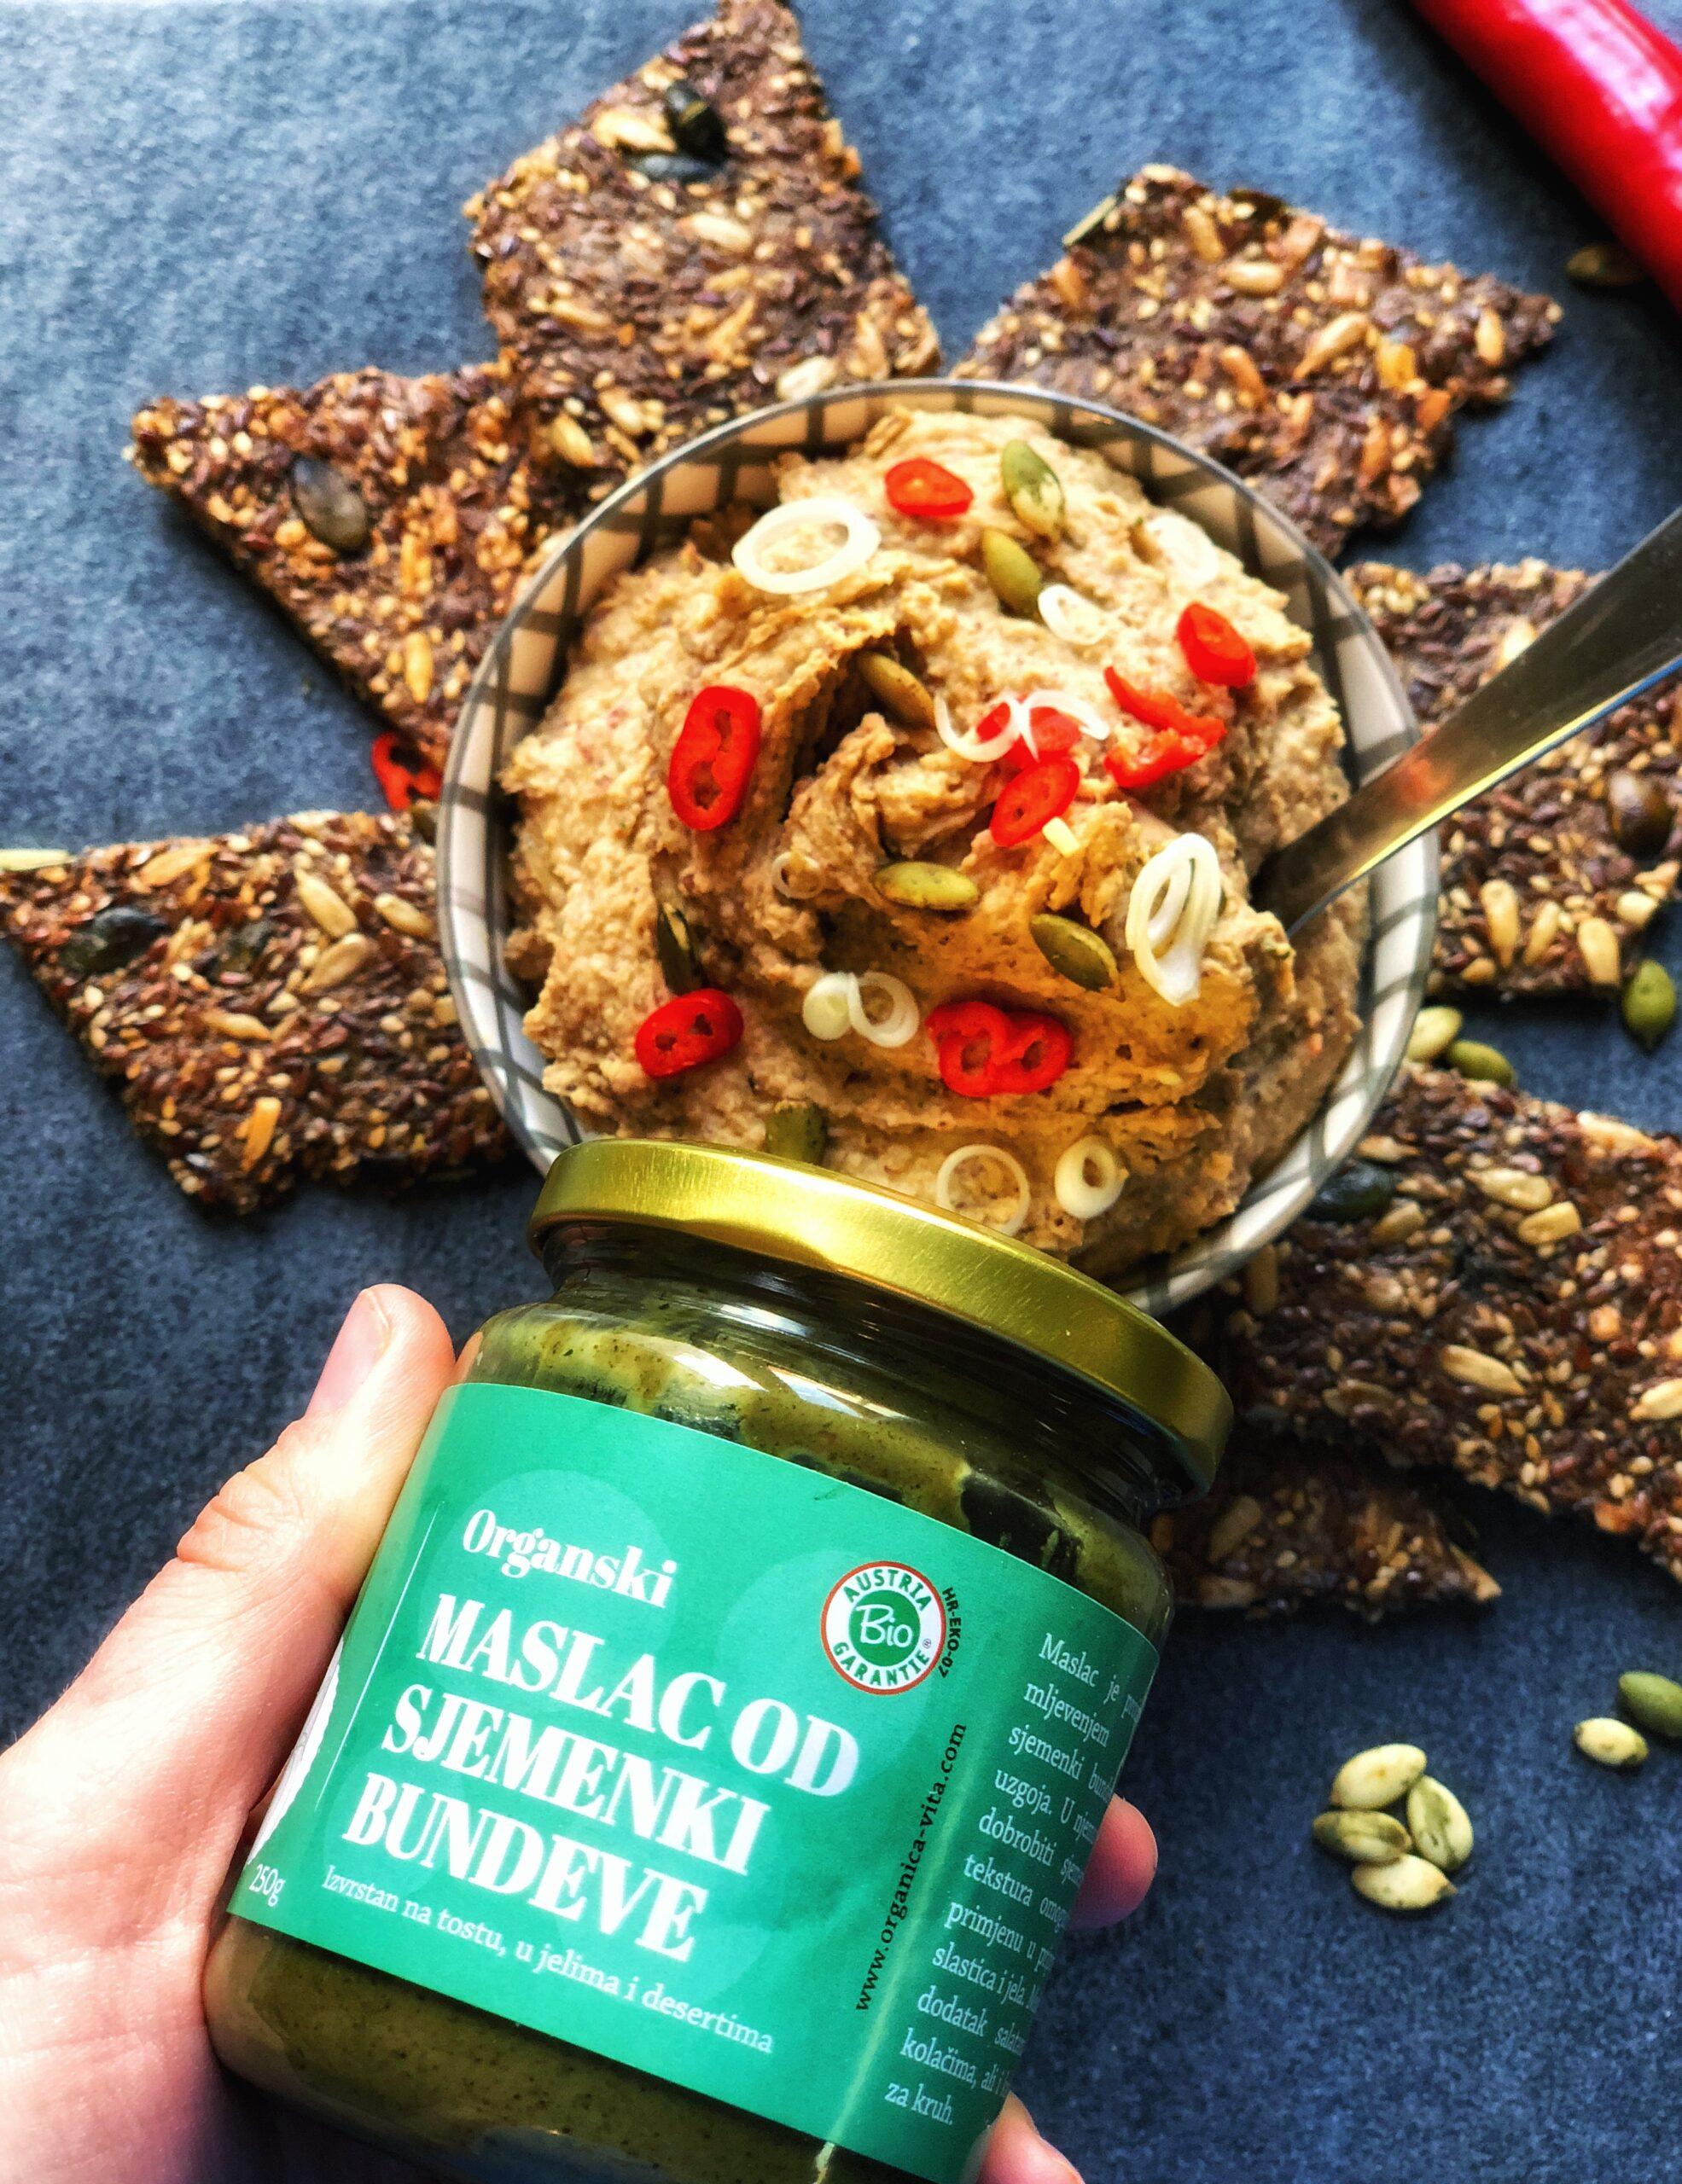 Veganska pašteta s maslacem od sjemenki bundeve i pečenim češnjakom